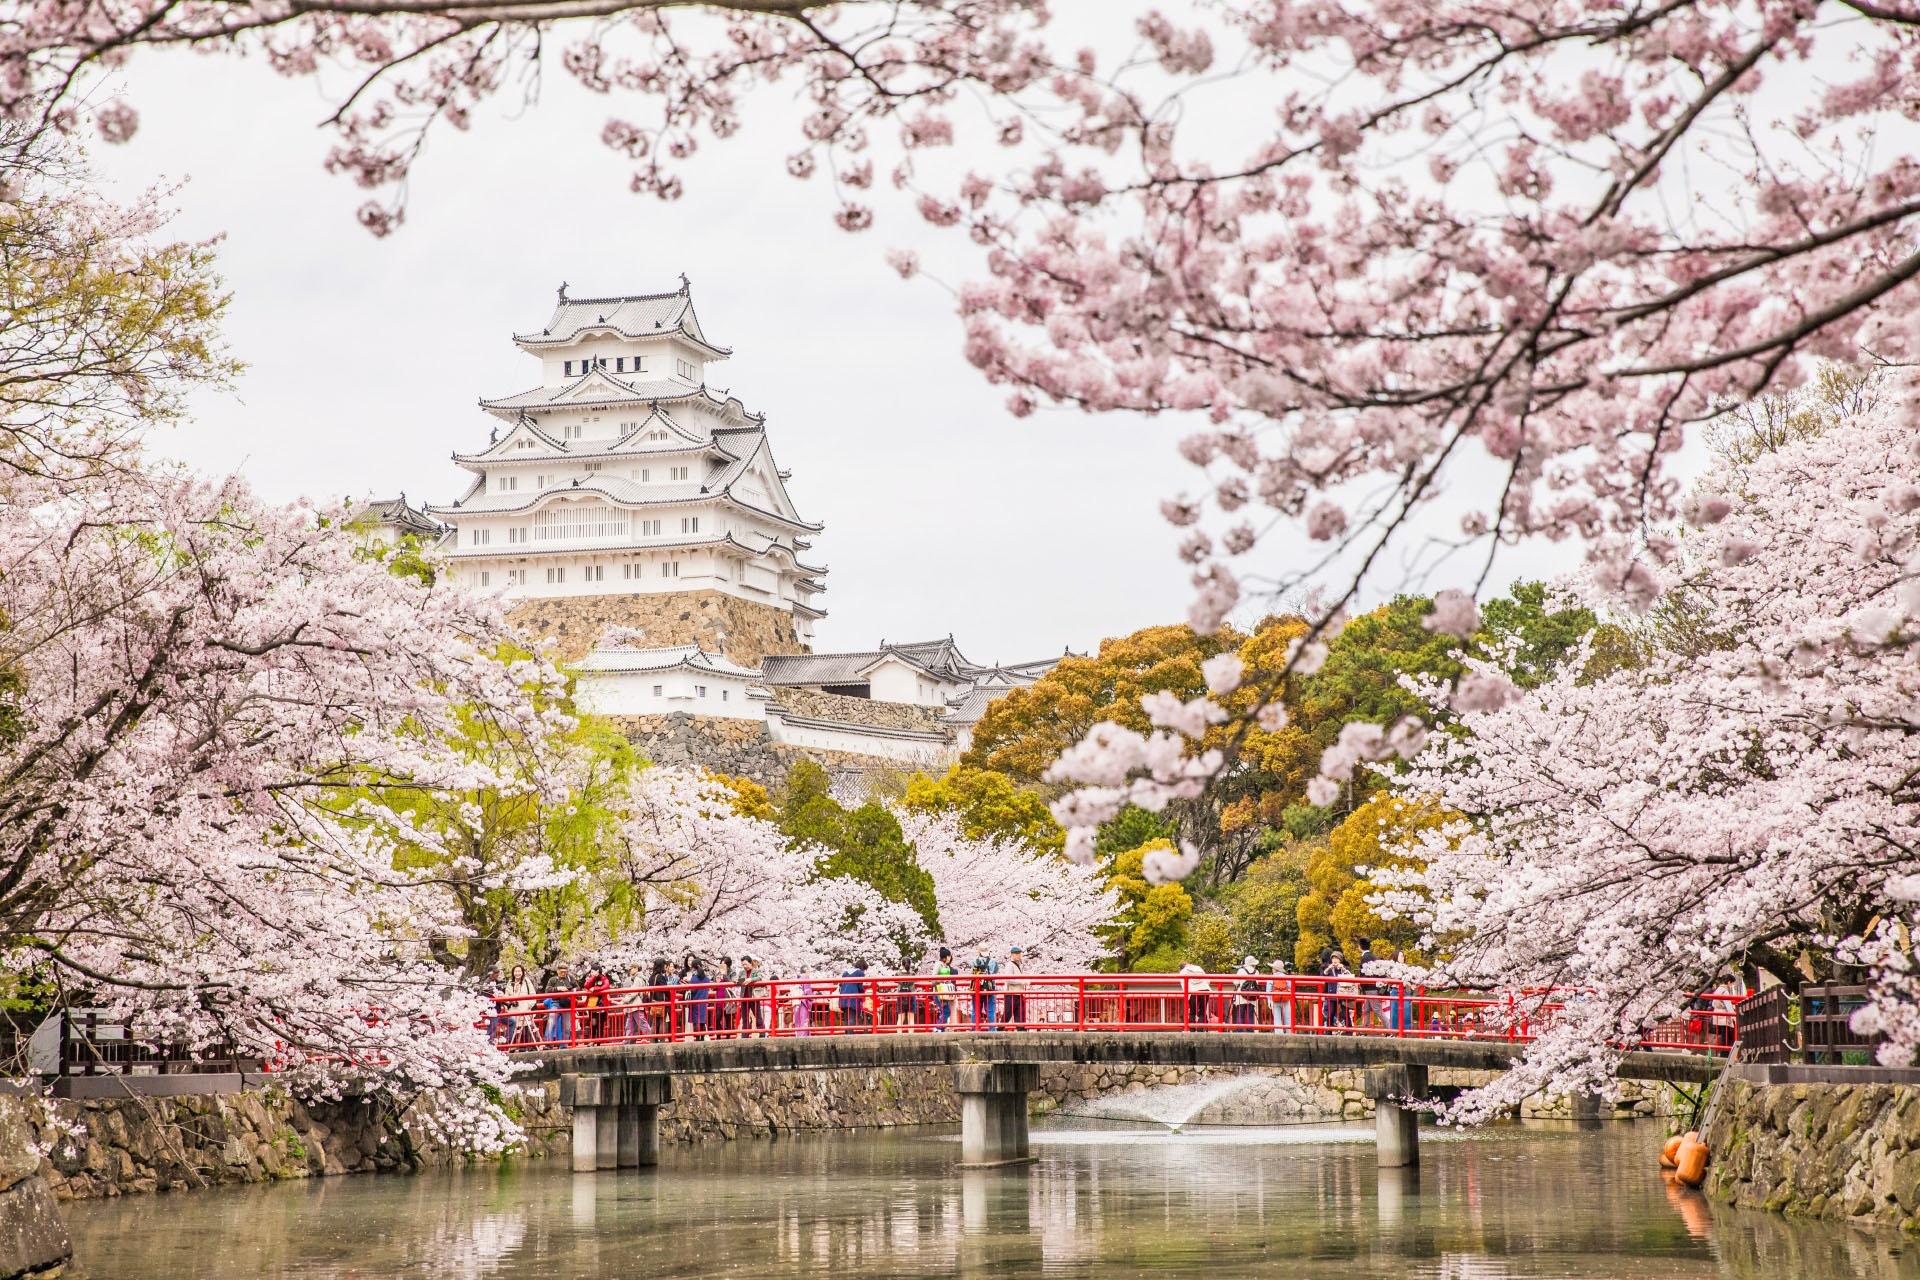 白鷺城と桜の風景 姫路城 兵庫の風景